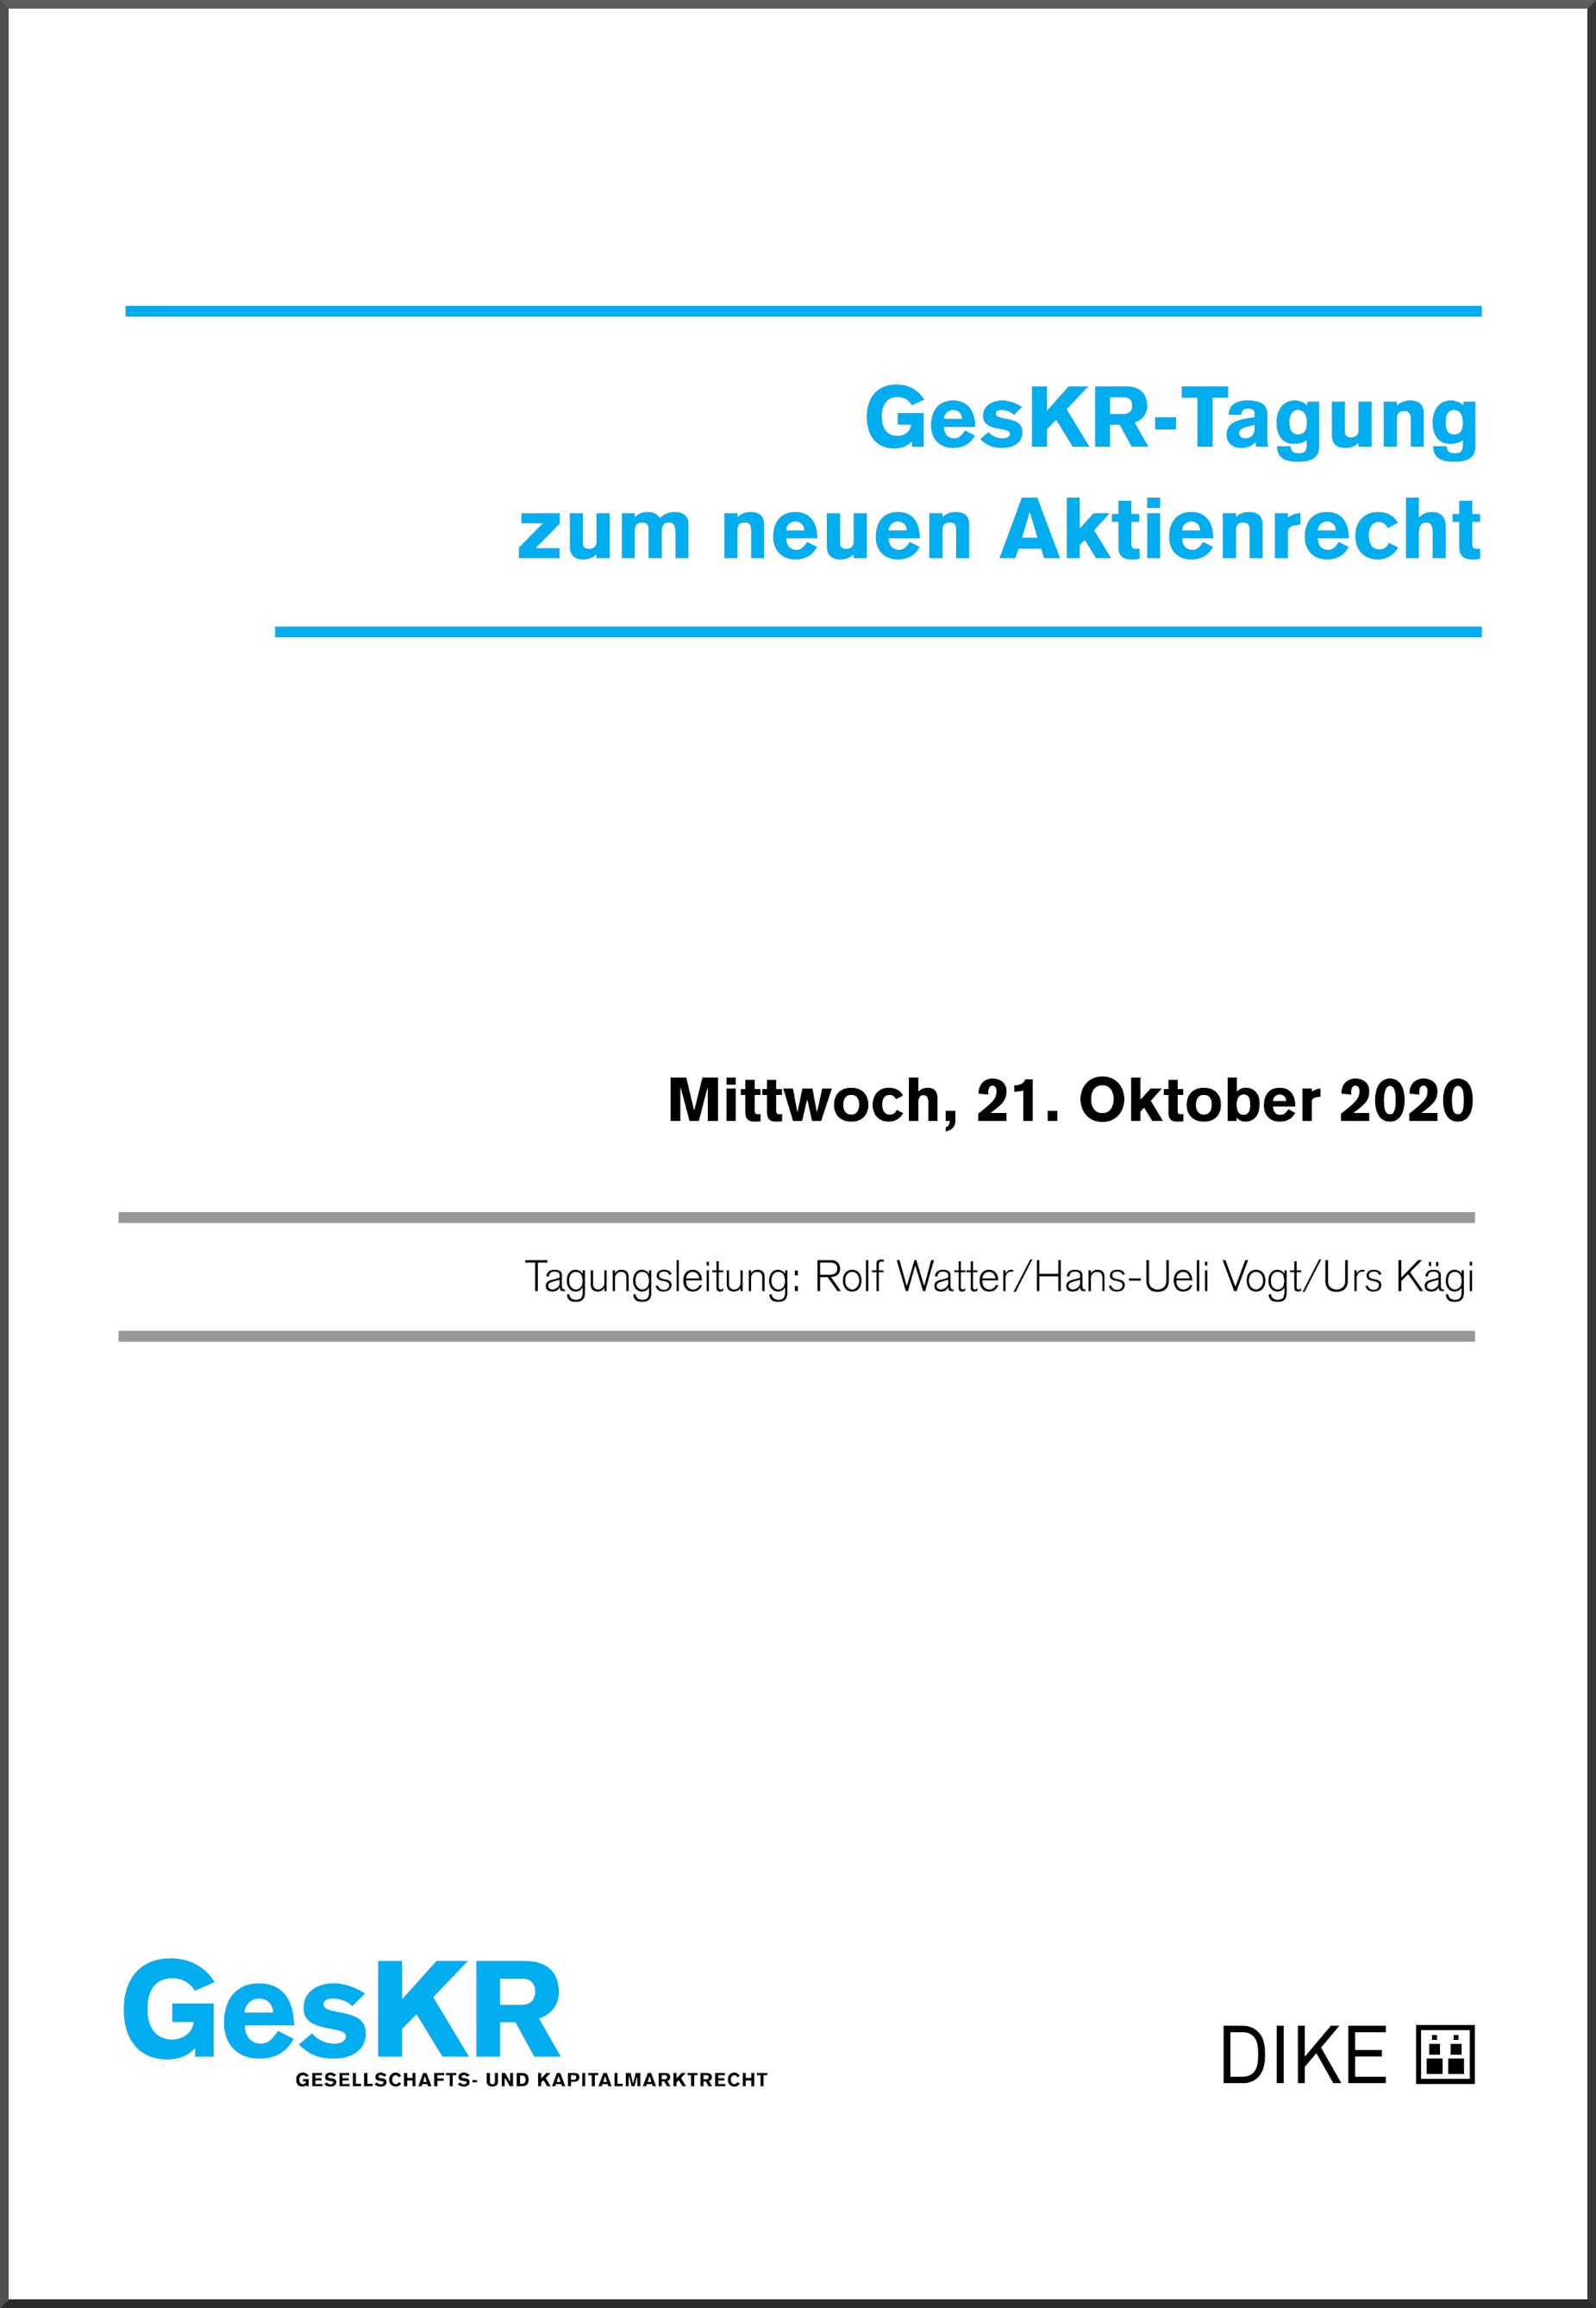 GesKR-Tagung  zum neuen Aktienrecht - Reform aus Sicht der Unternehmen